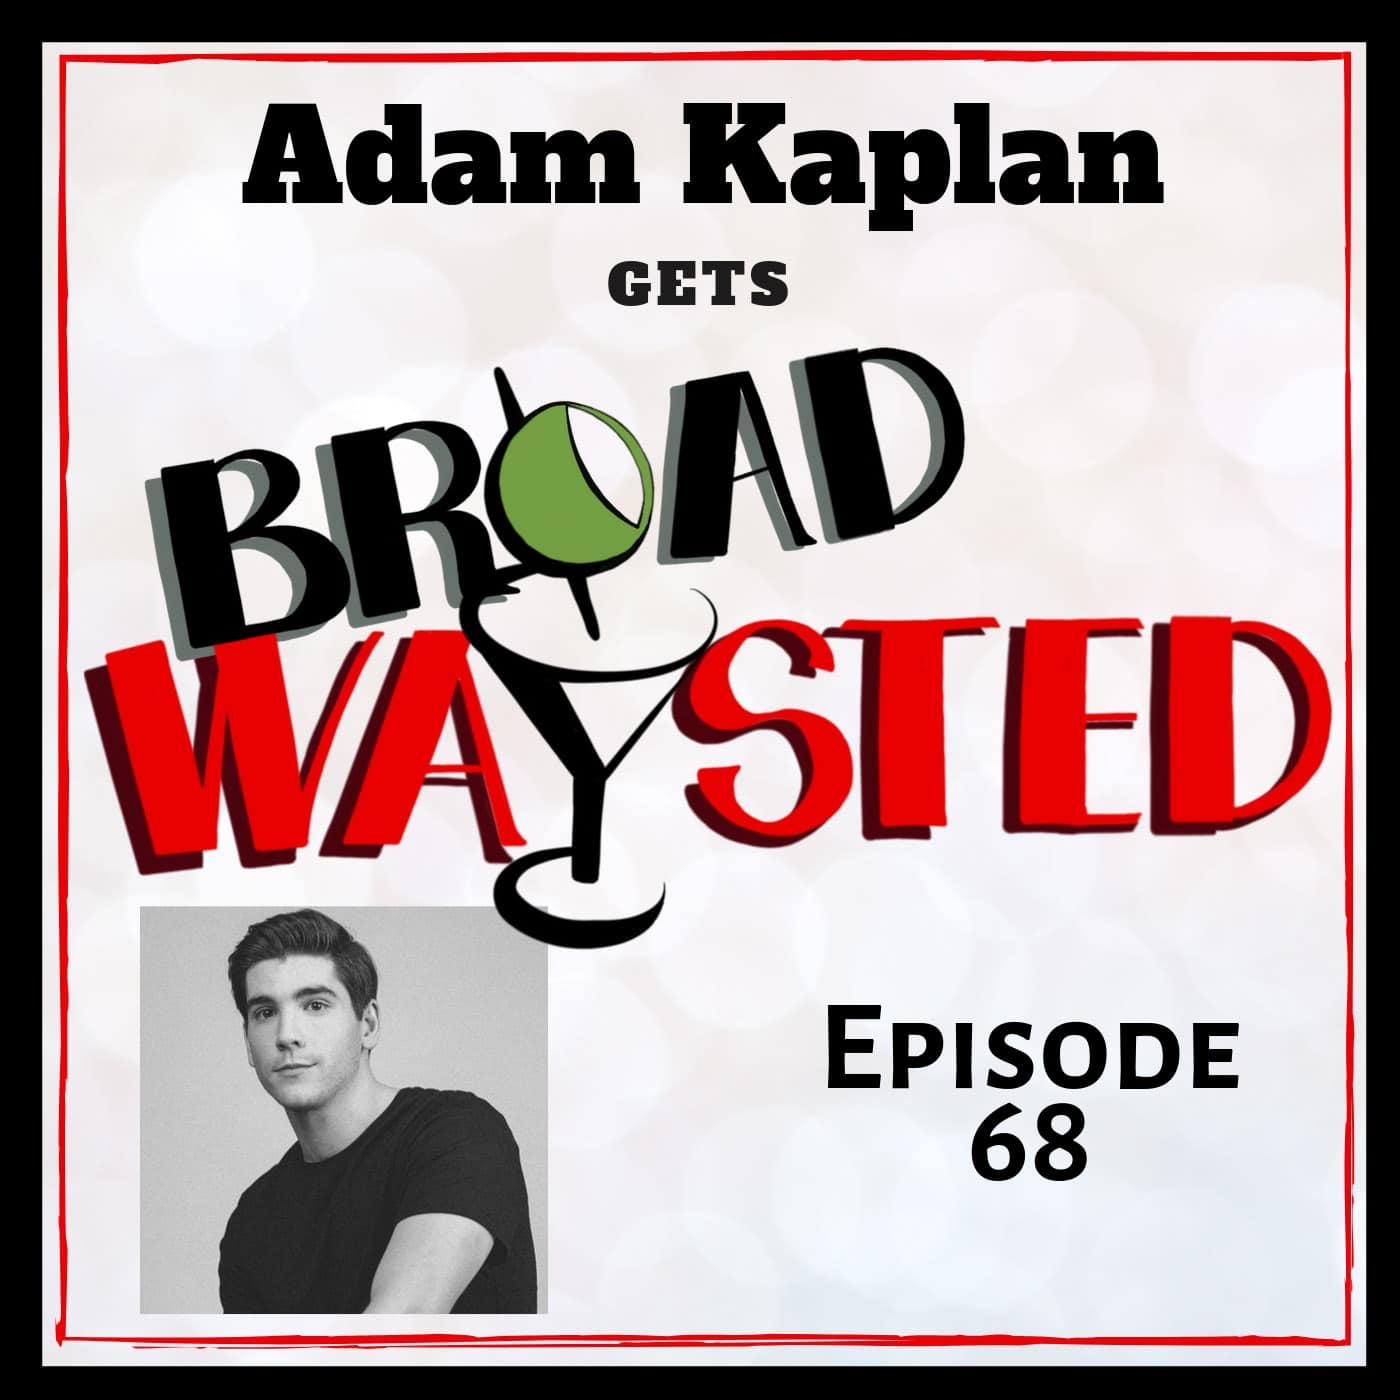 Broadwaysted Ep 68 Adam Kaplan